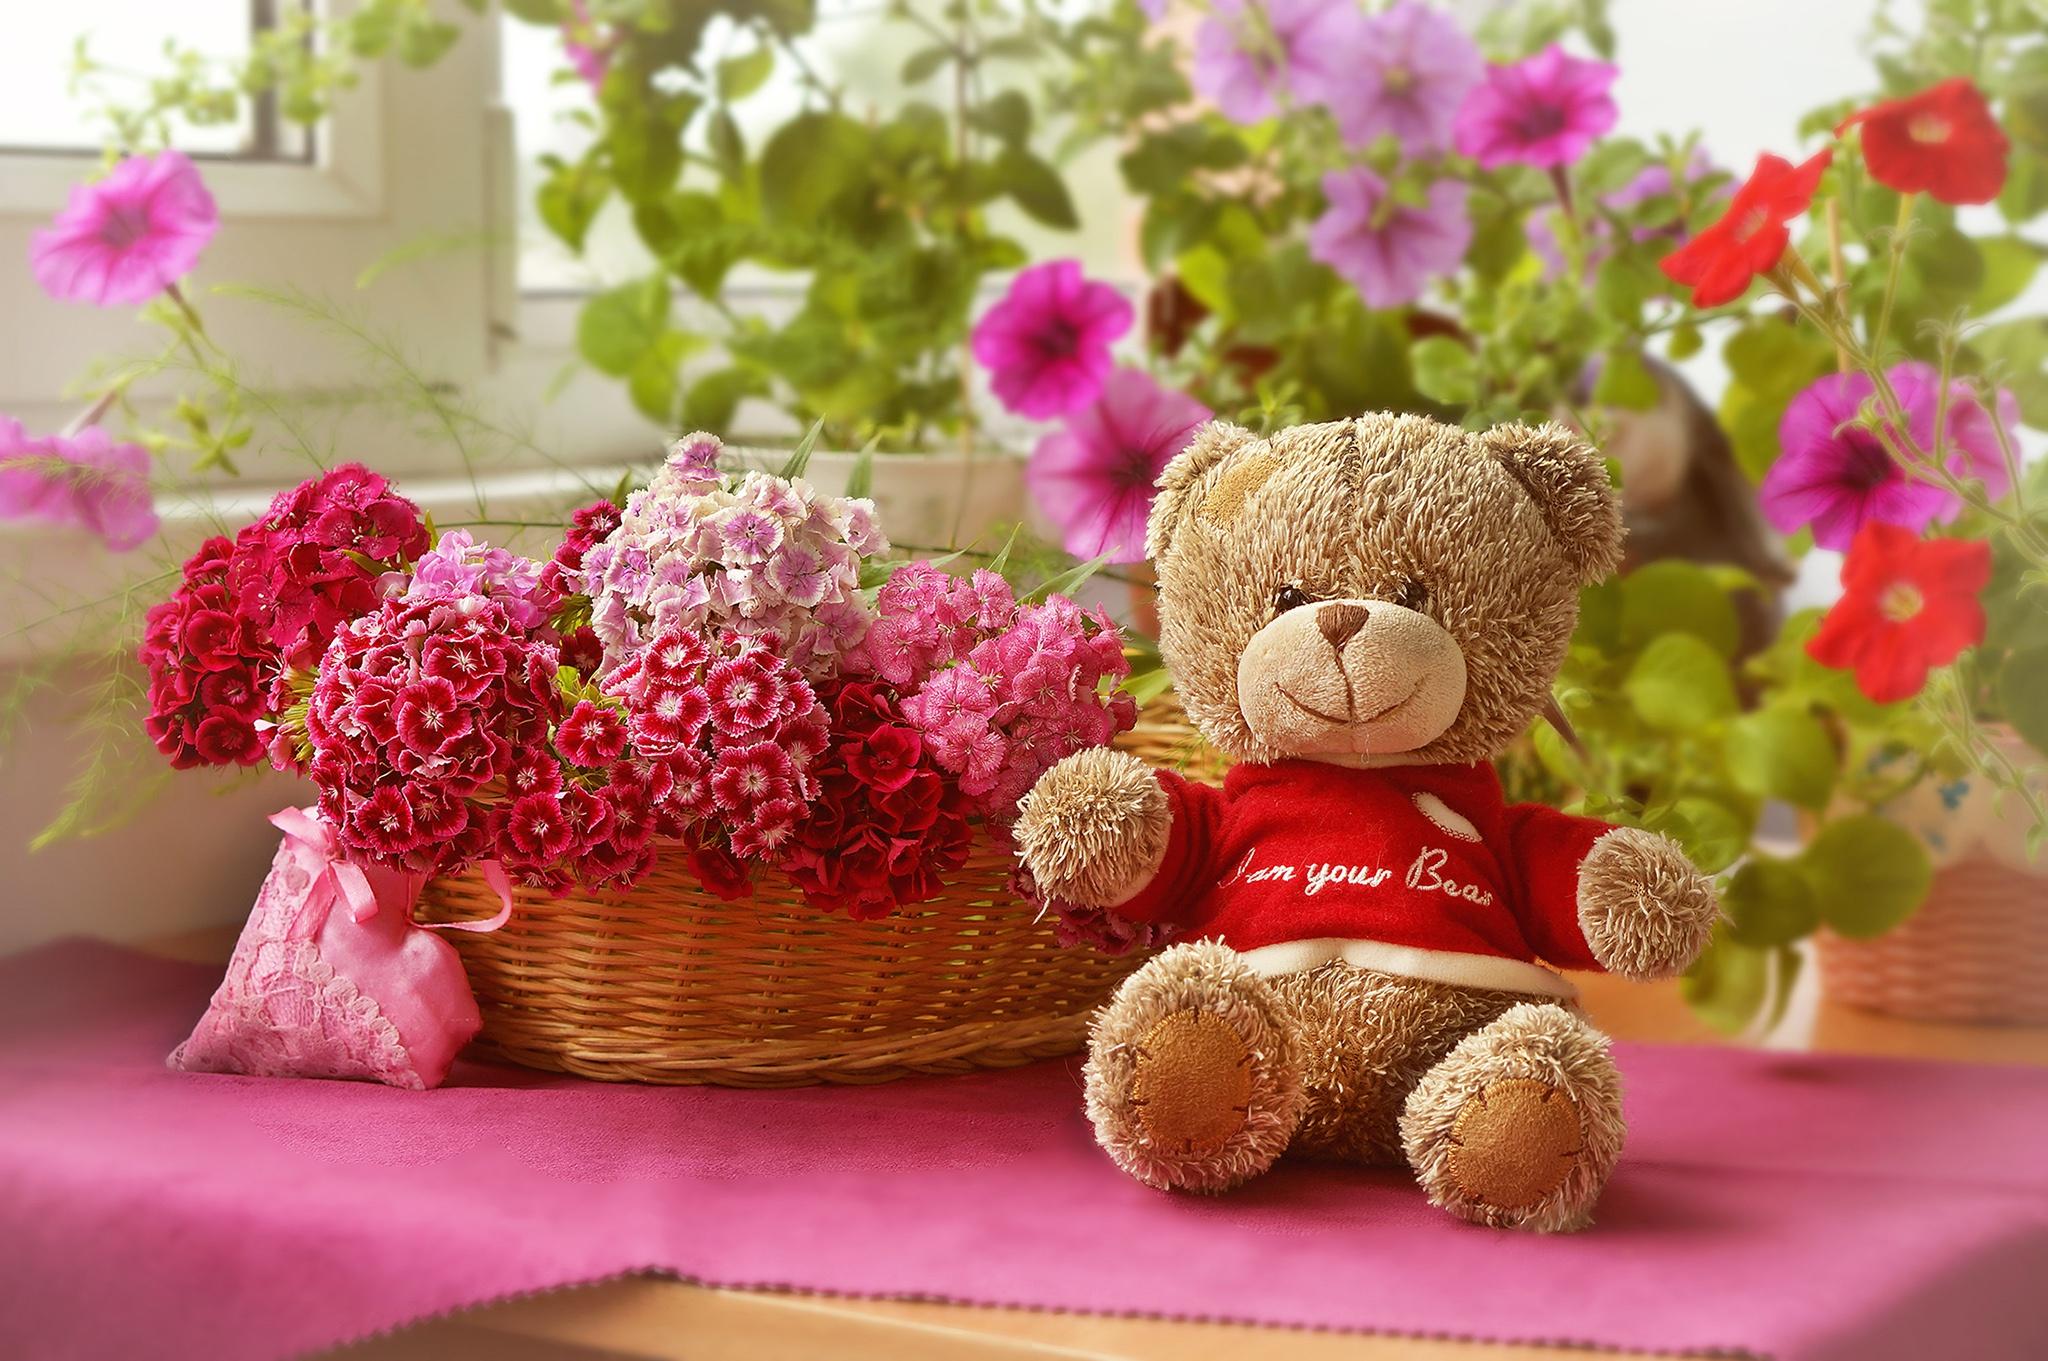 Красивые картинки с мягкими игрушками и цветами